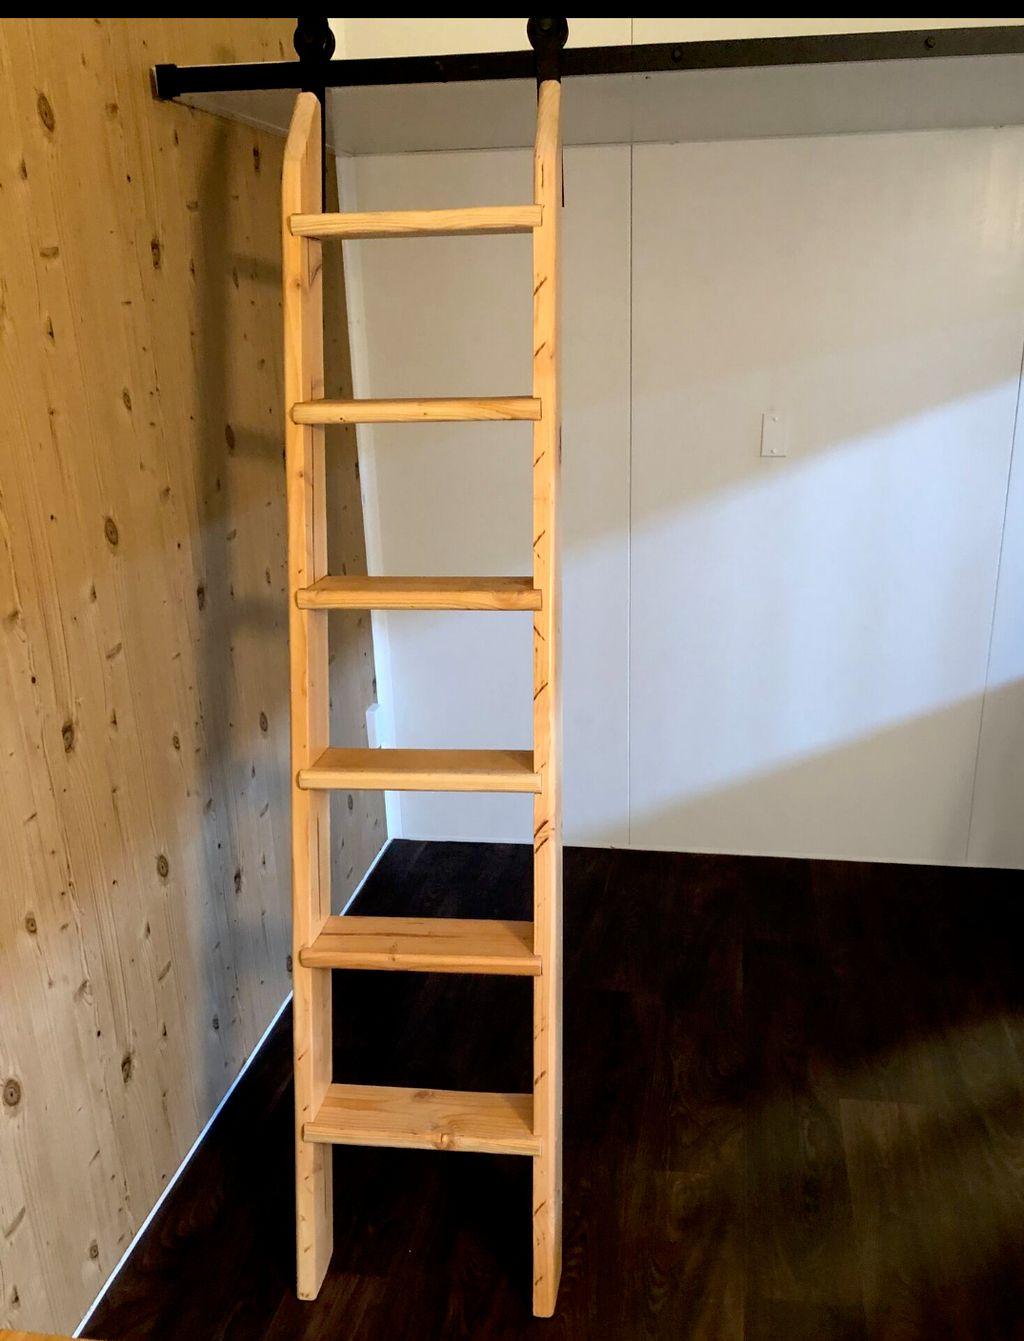 Loft ladder for tiny homes